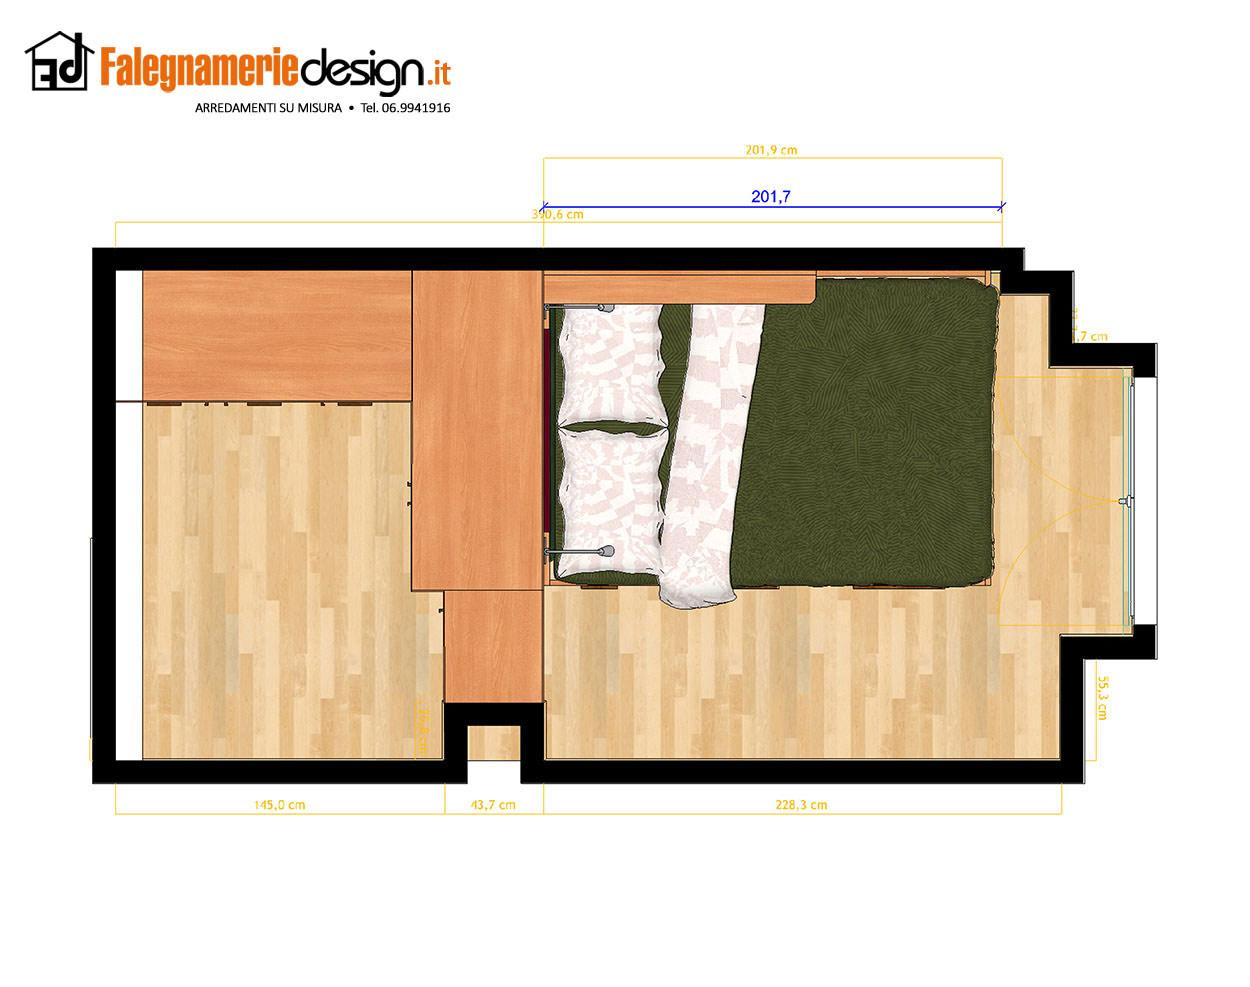 Camere 303a arredamenti e mobili su misura roma for Falegnamerie design